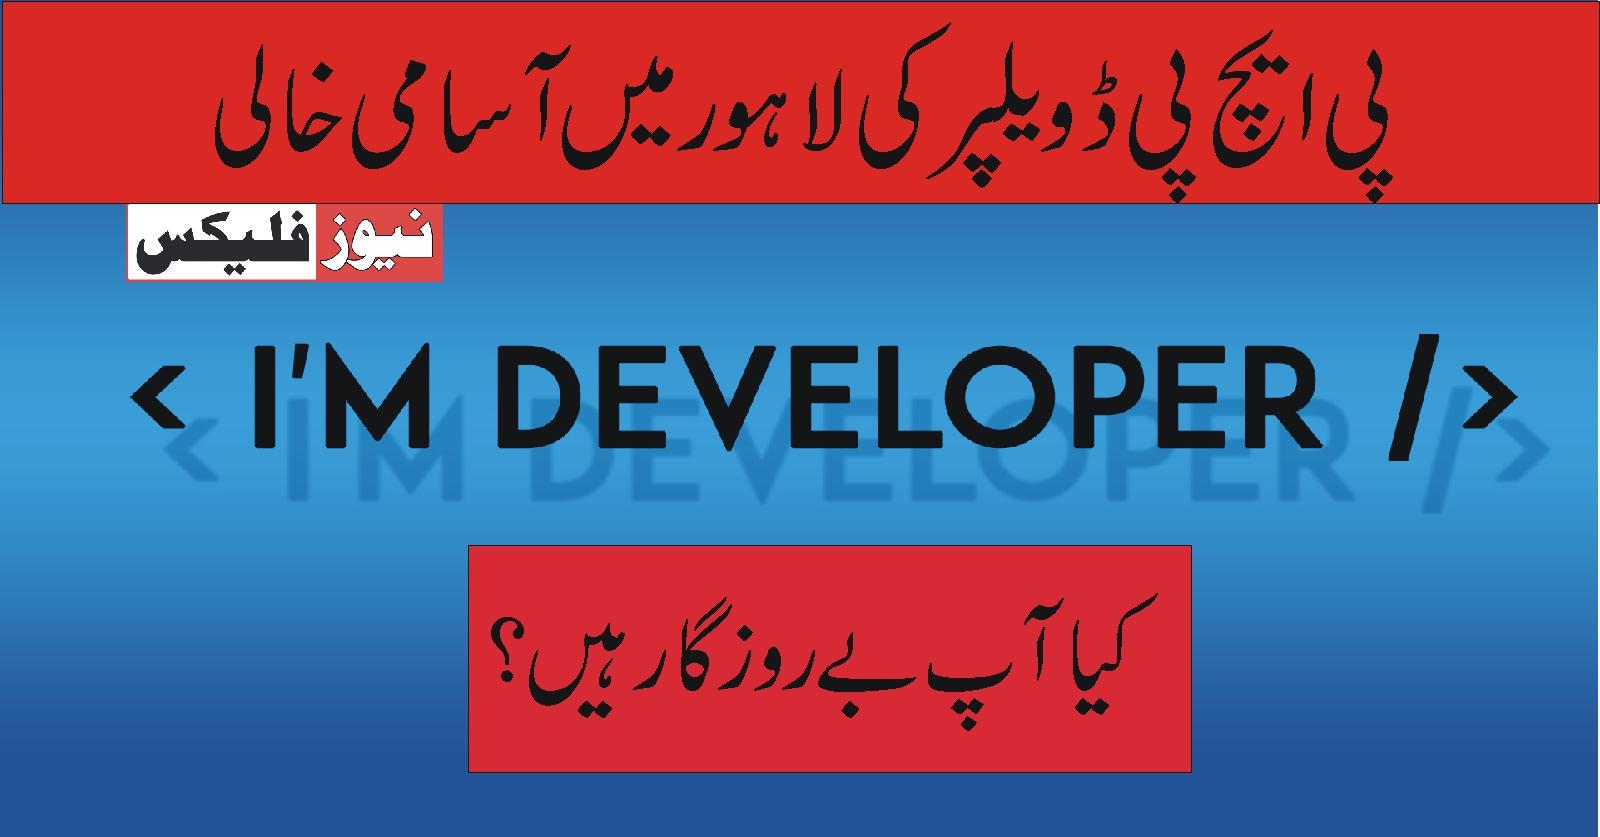 کمپیوٹر پروگرامر * پی ایچ پی ڈویلپرکی لاہور میں آسامی خالی